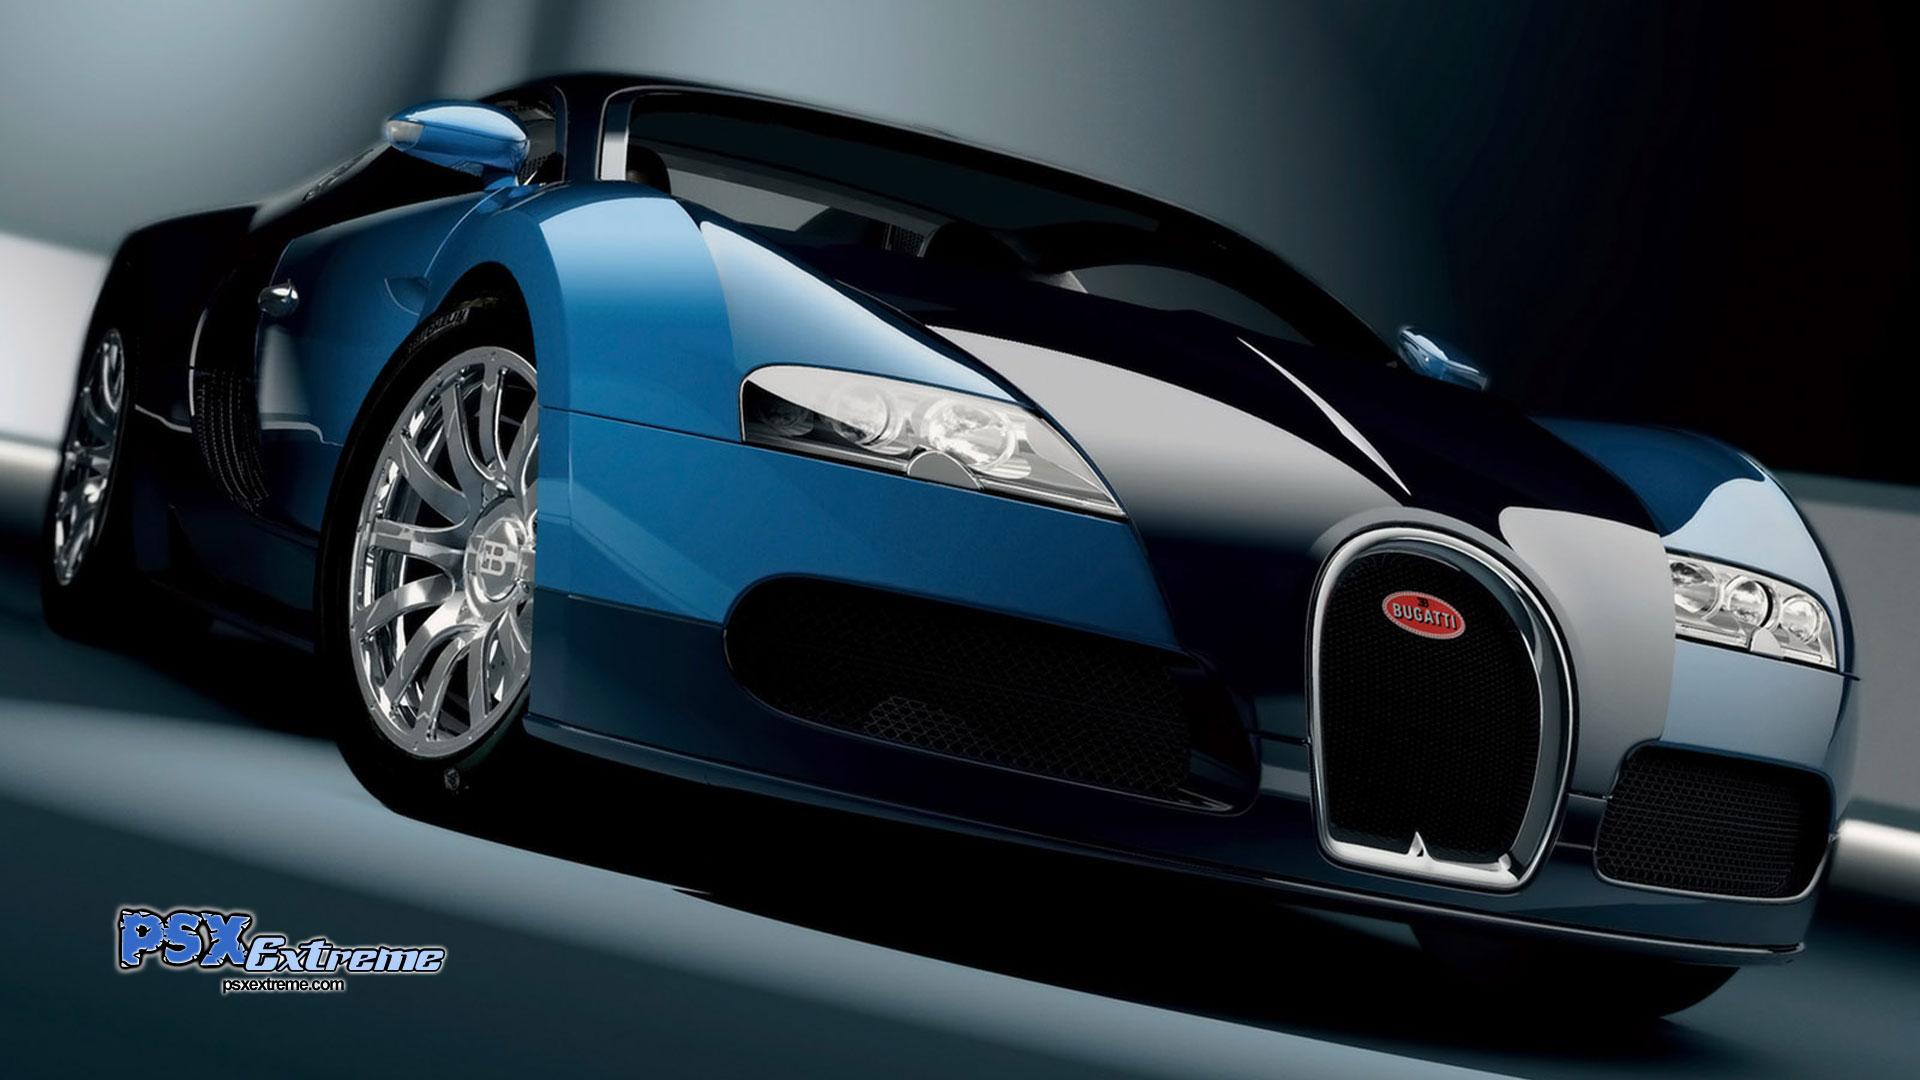 Hd Bugatti Veyron Wallpapers Sf Wallpaper